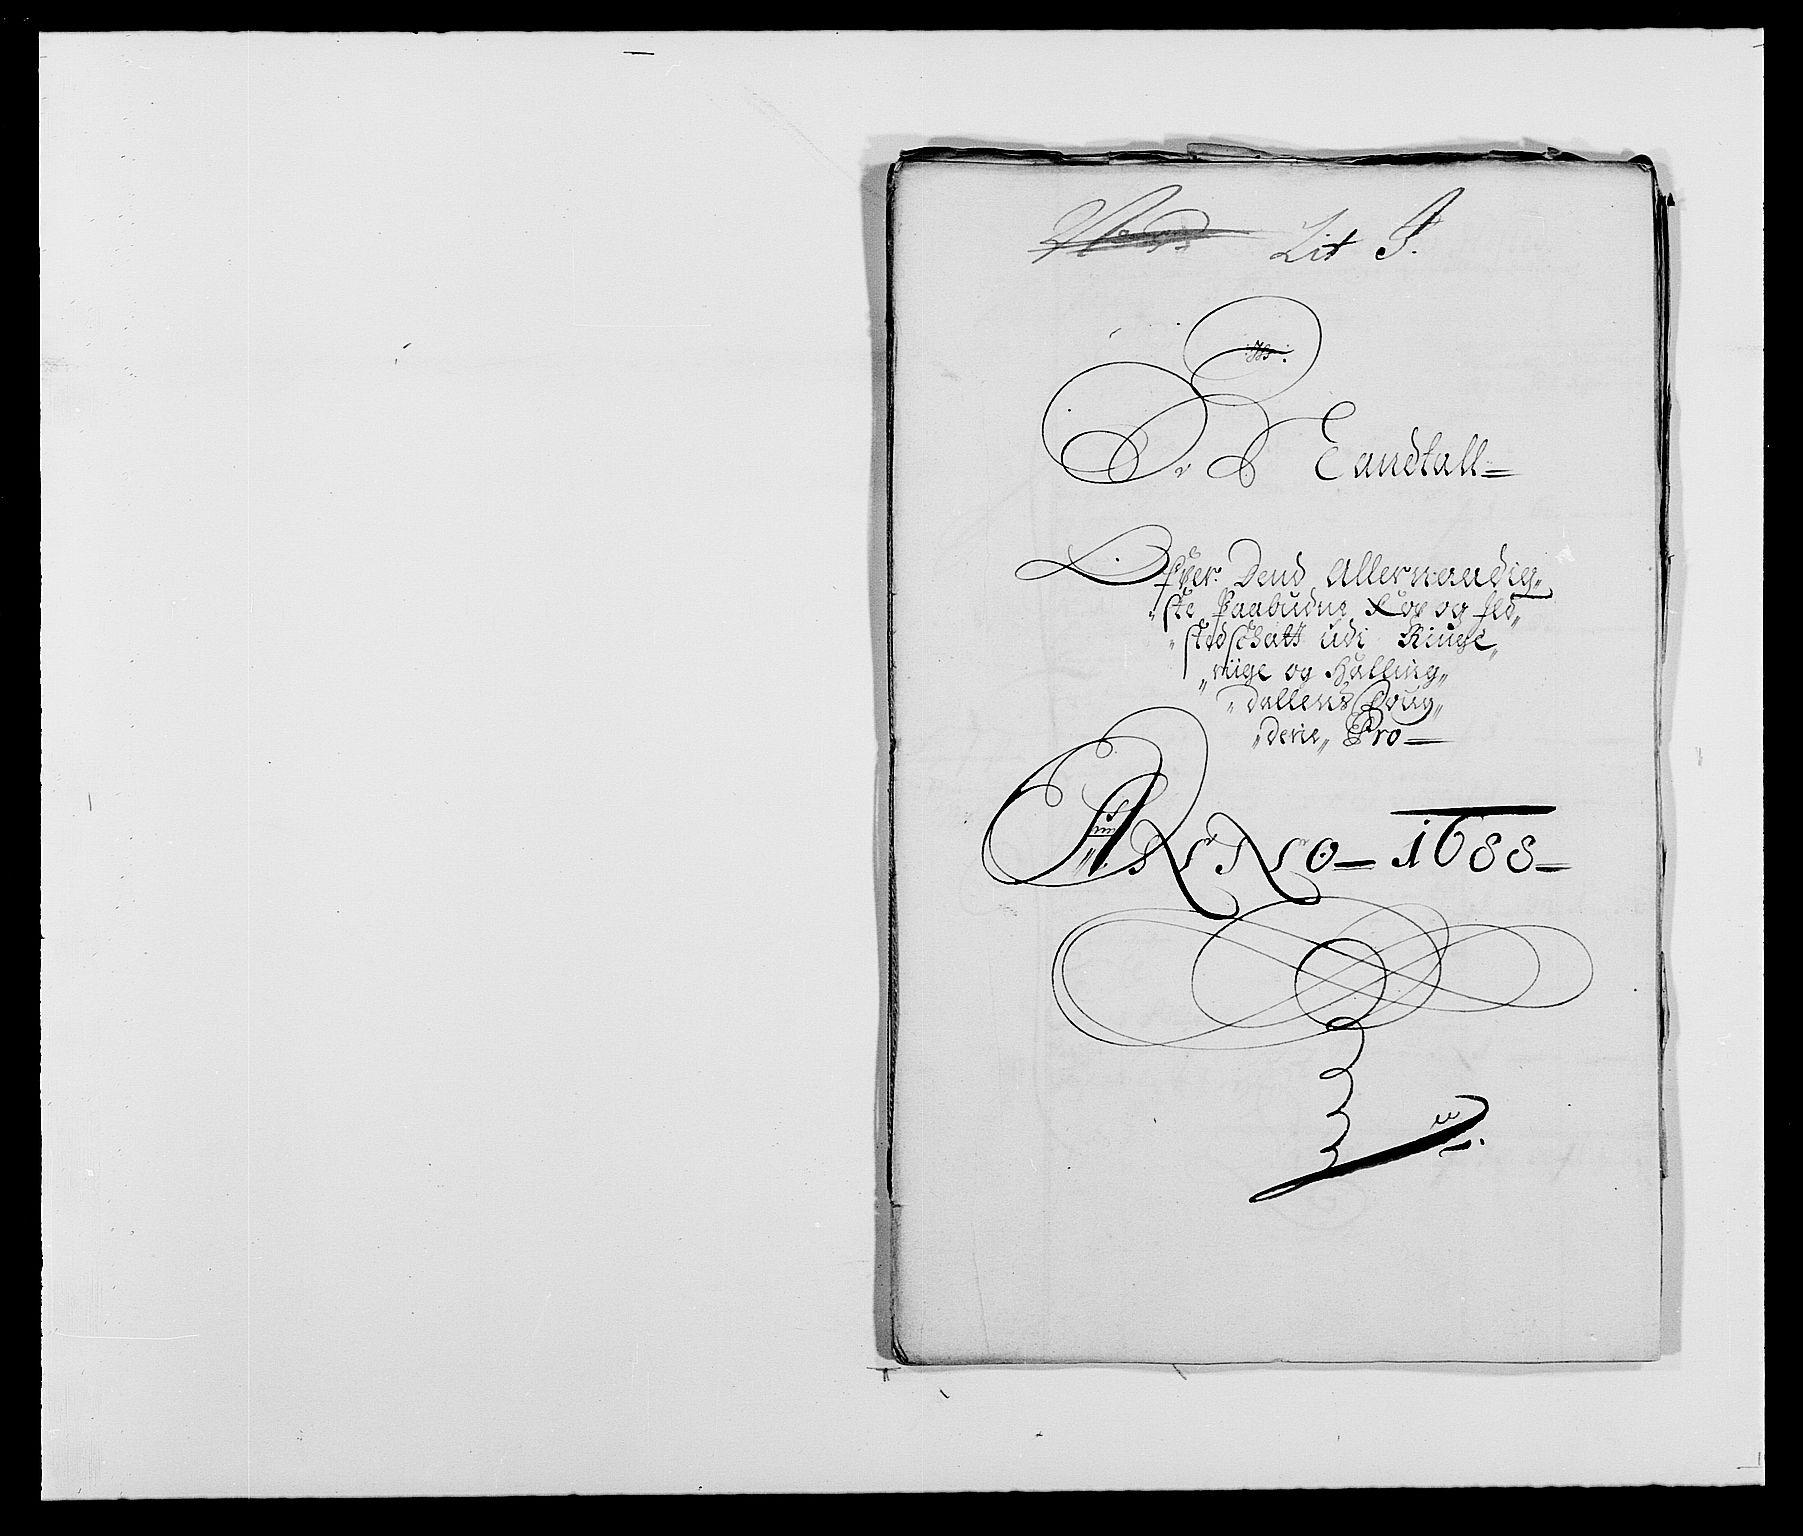 RA, Rentekammeret inntil 1814, Reviderte regnskaper, Fogderegnskap, R21/L1447: Fogderegnskap Ringerike og Hallingdal, 1687-1689, s. 200